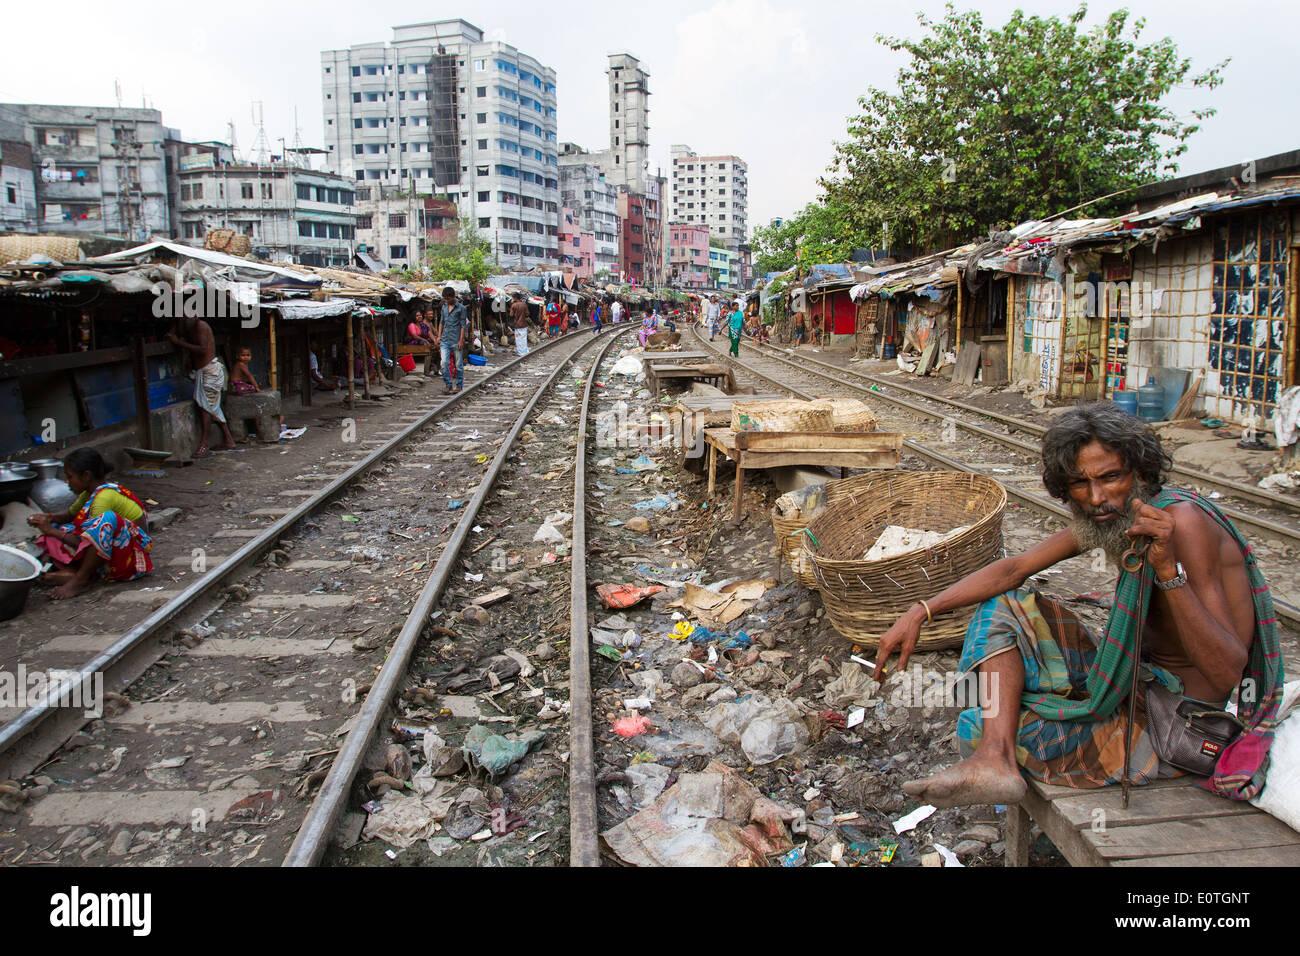 Les gens du Bangladesh dans les bidonvilles de Dhaka le long partie railroad vivant dans l'extrême pauvreté. Photo Stock